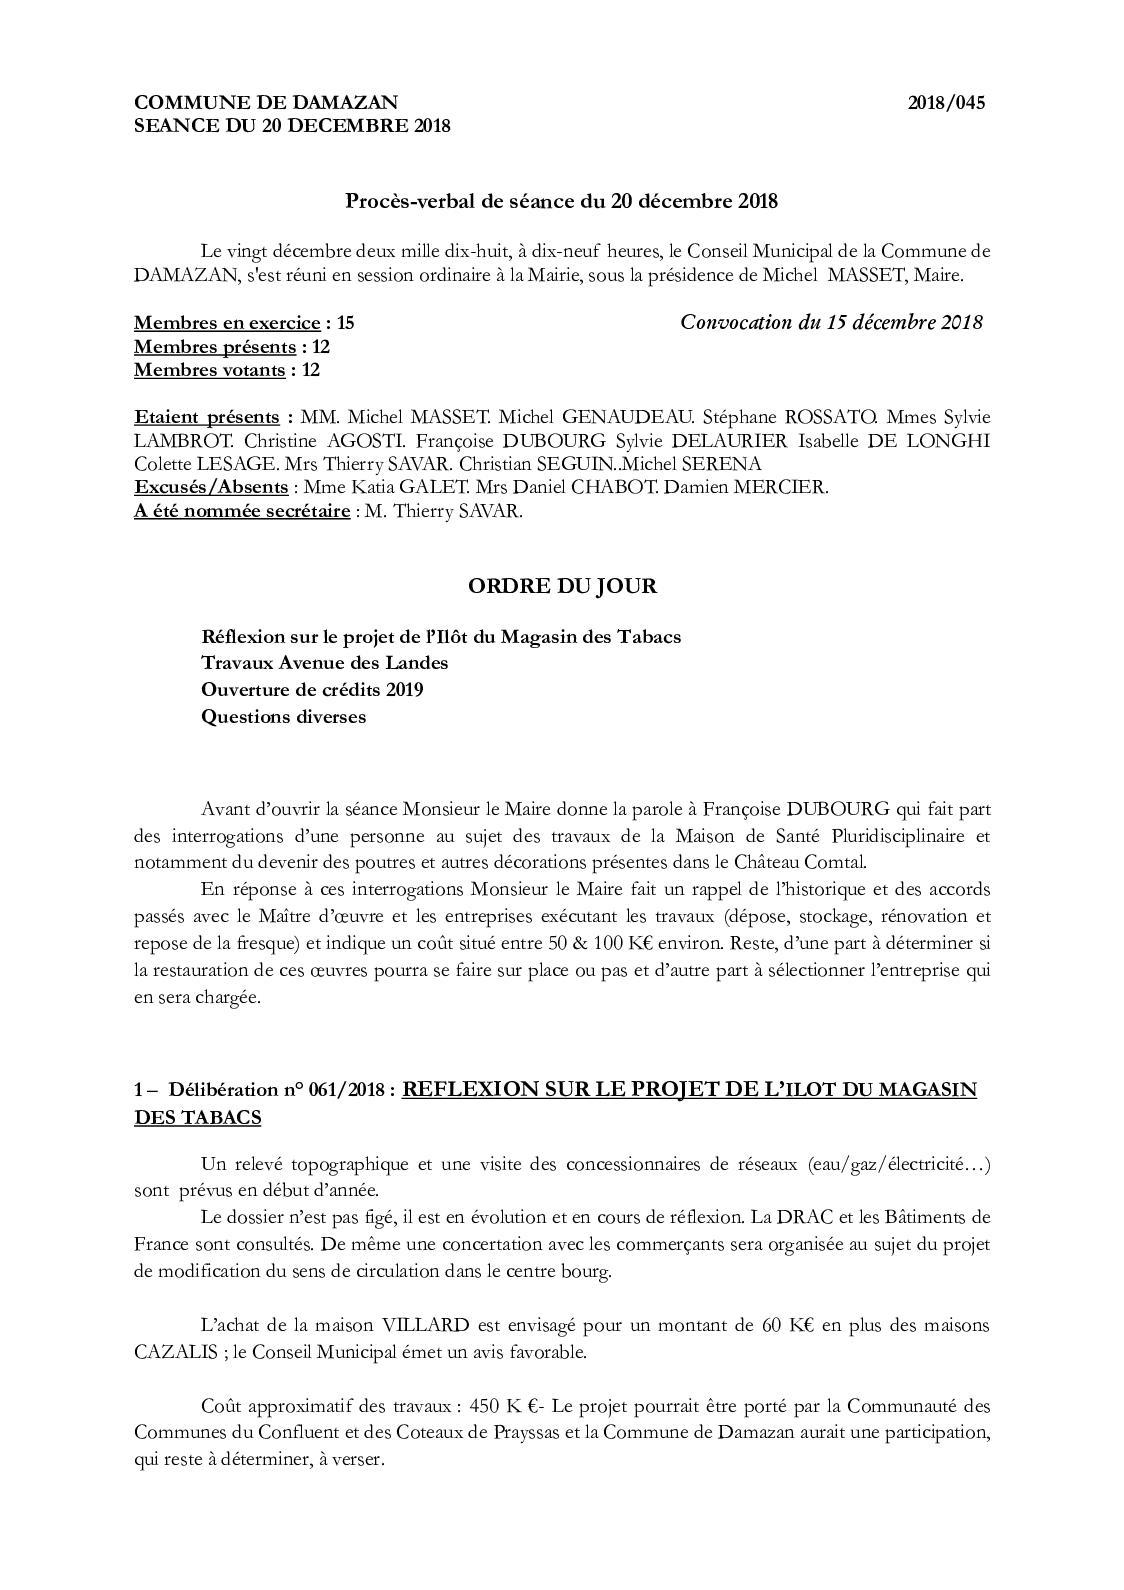 Maison Des Travaux Avis cr 20 12 2018 - calameo downloader